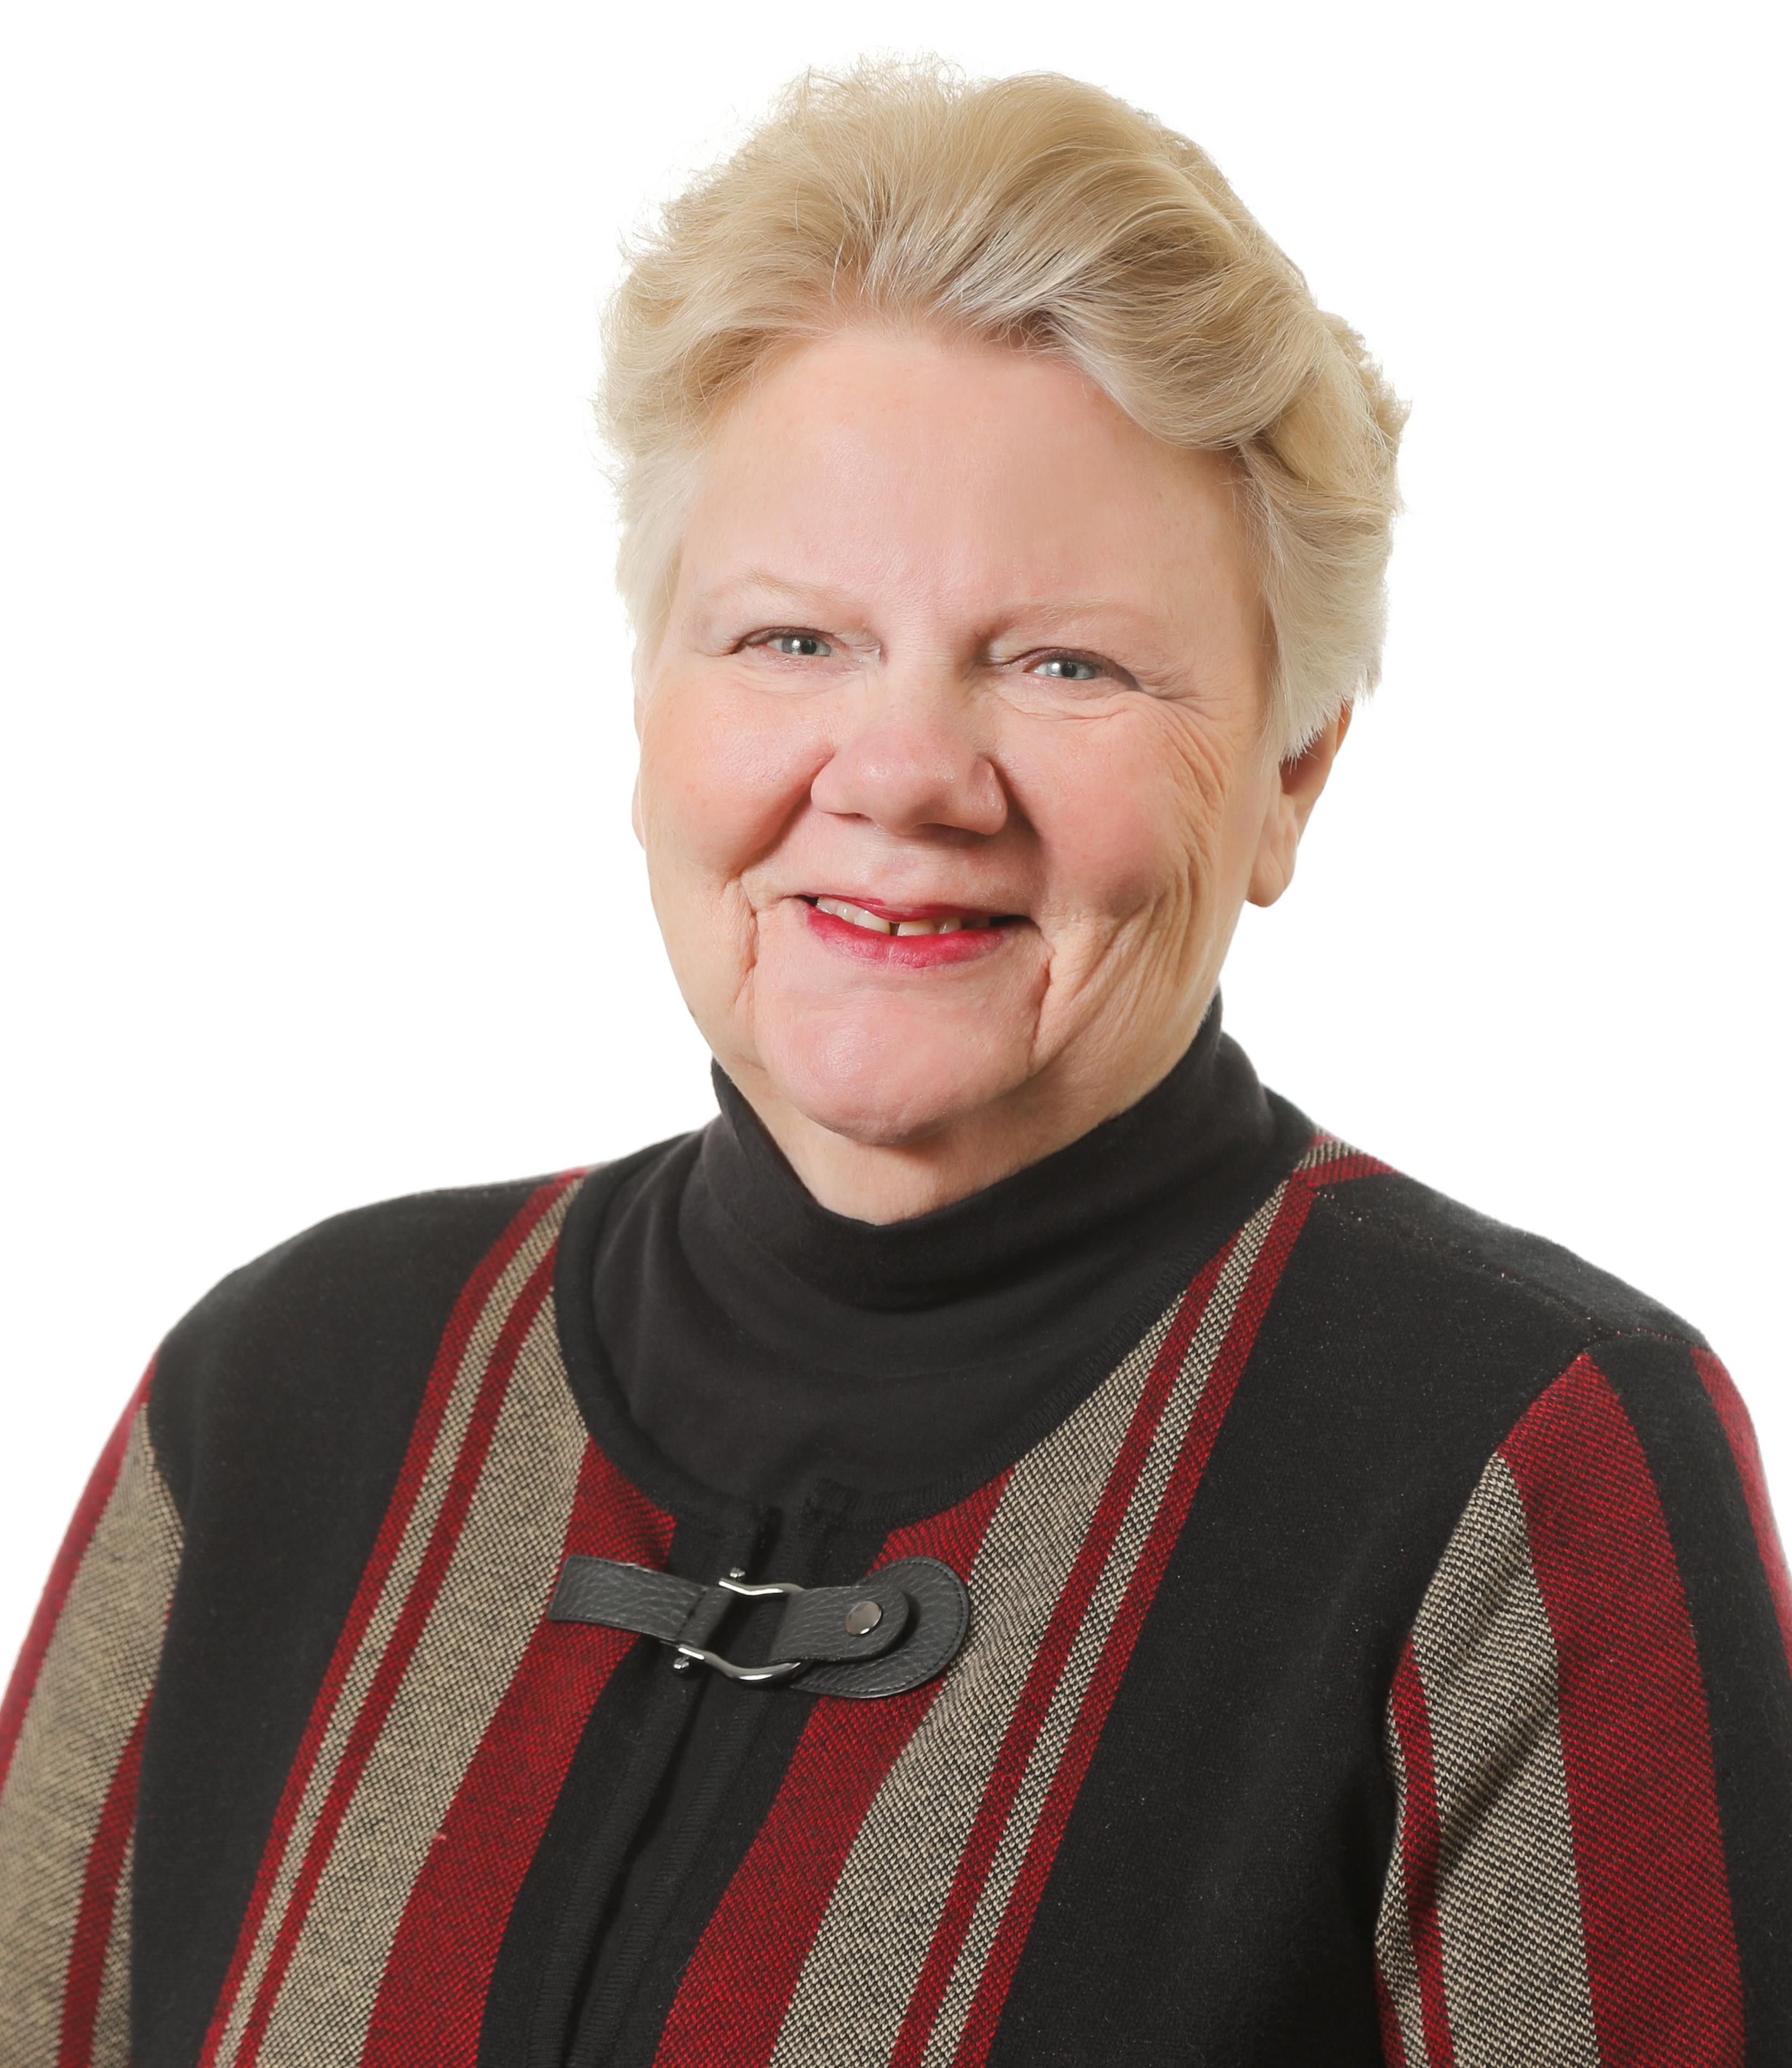 Gail E. Vinnal